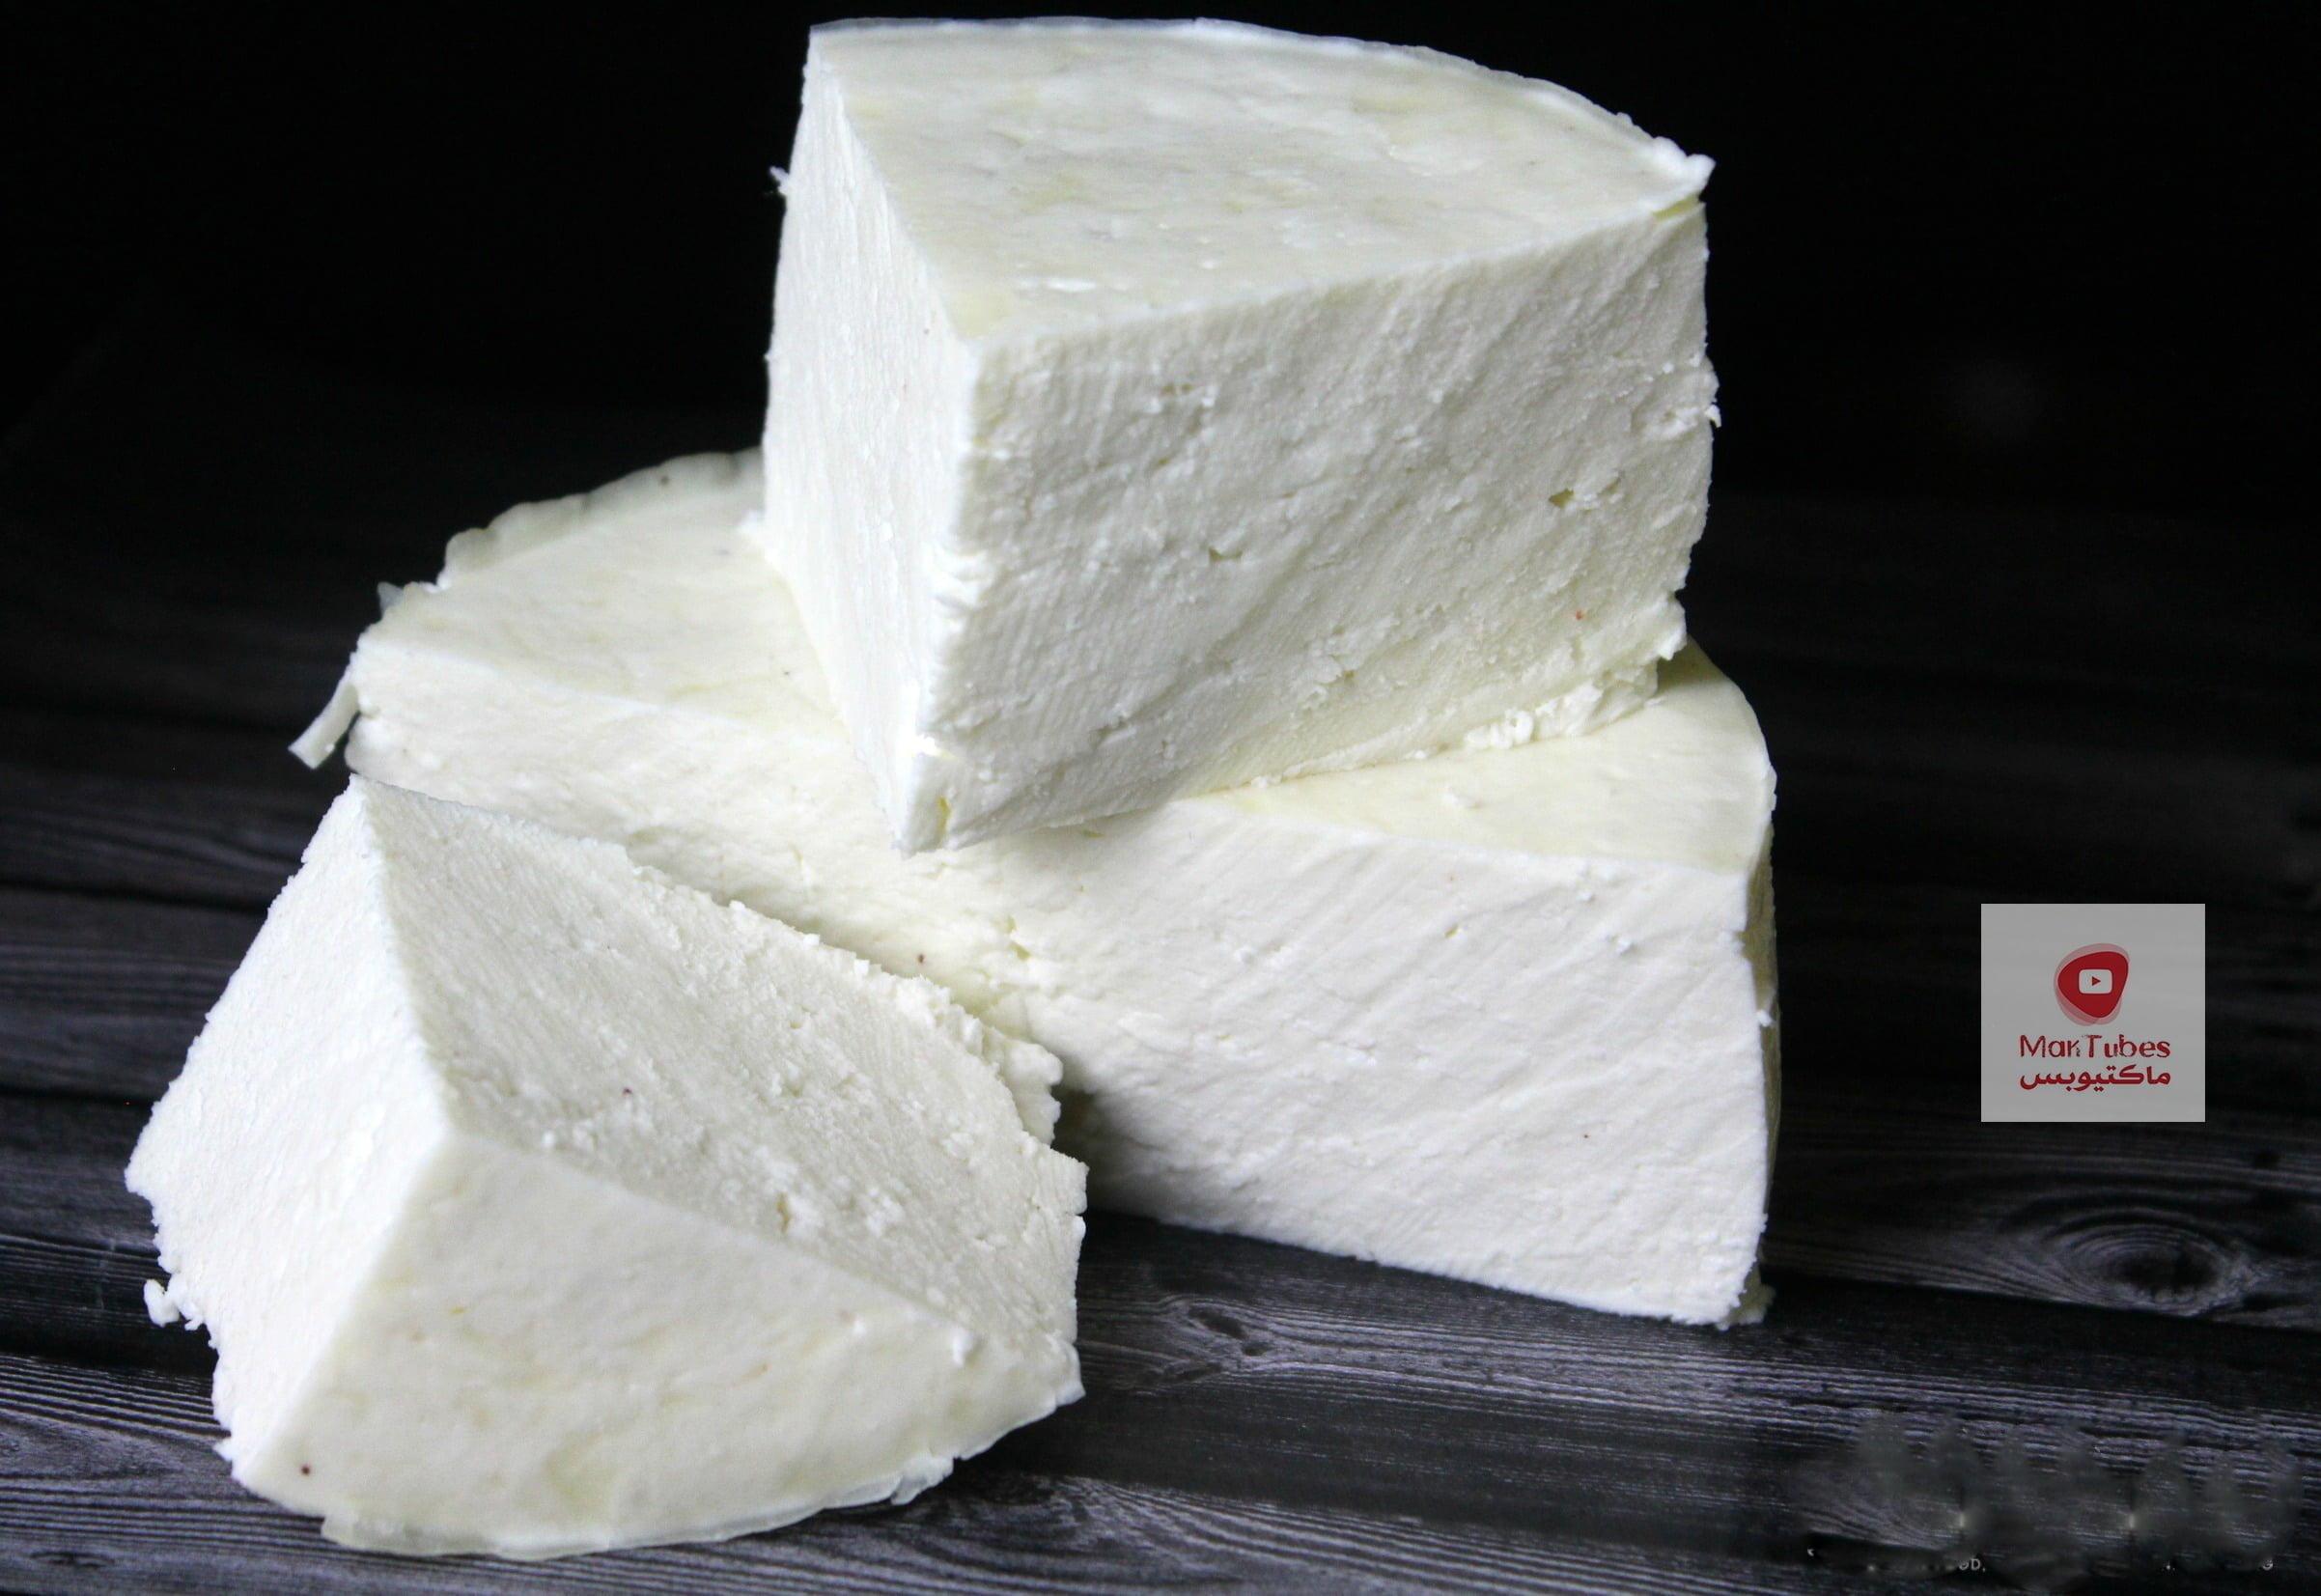 اصنعوا الجبن بمكون صحي لا يخطر على الباب بدون منفحة أو خل أو ليمون على الطريقة الشركسية